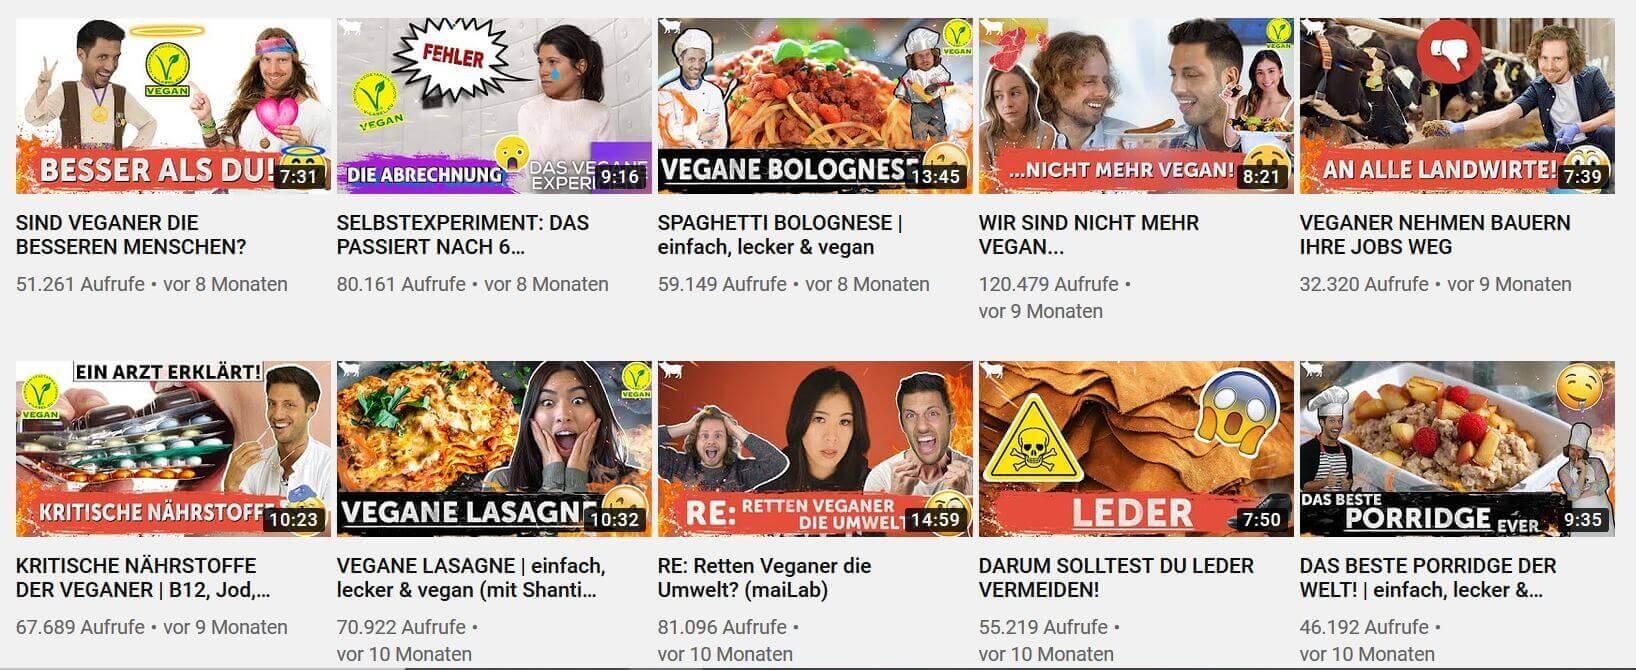 Youtube-Kanal von Vegan ist ungesund